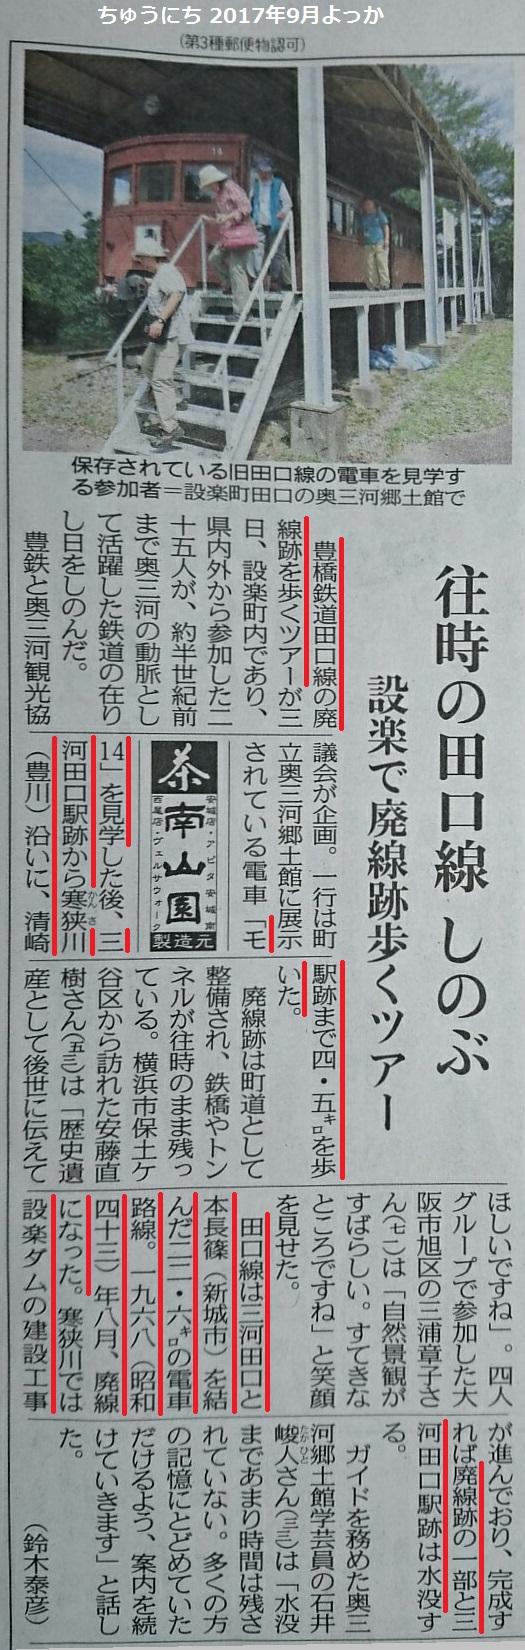 ちゅうにち 2017.9.4 (1) 田口線廃線あとのたび 525-1650